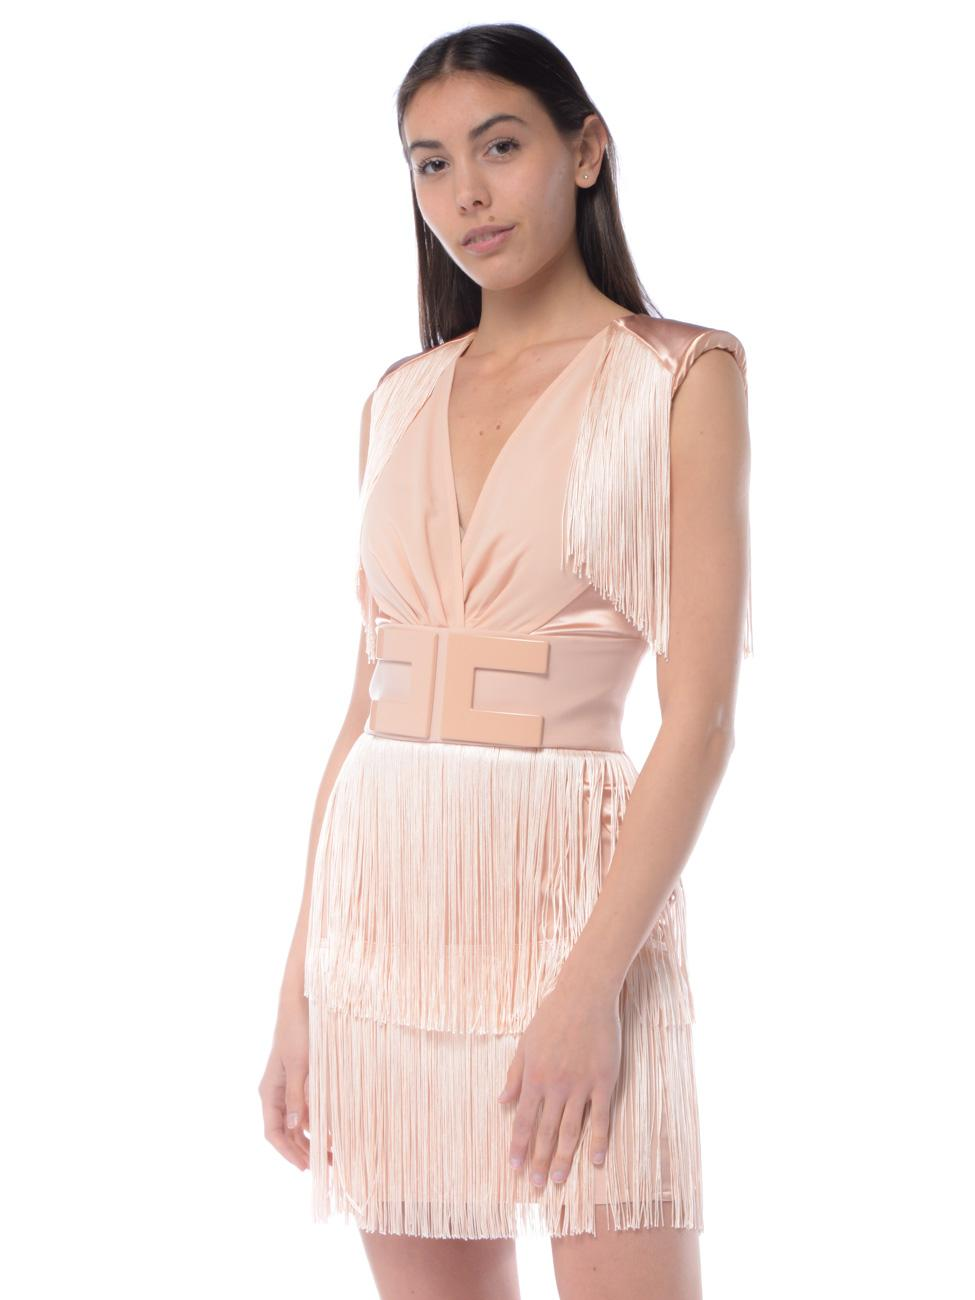 f7f44d14aafd Abito corto donna Elisabetta Franchi frange e maxi logo rosa - RoncaStyle